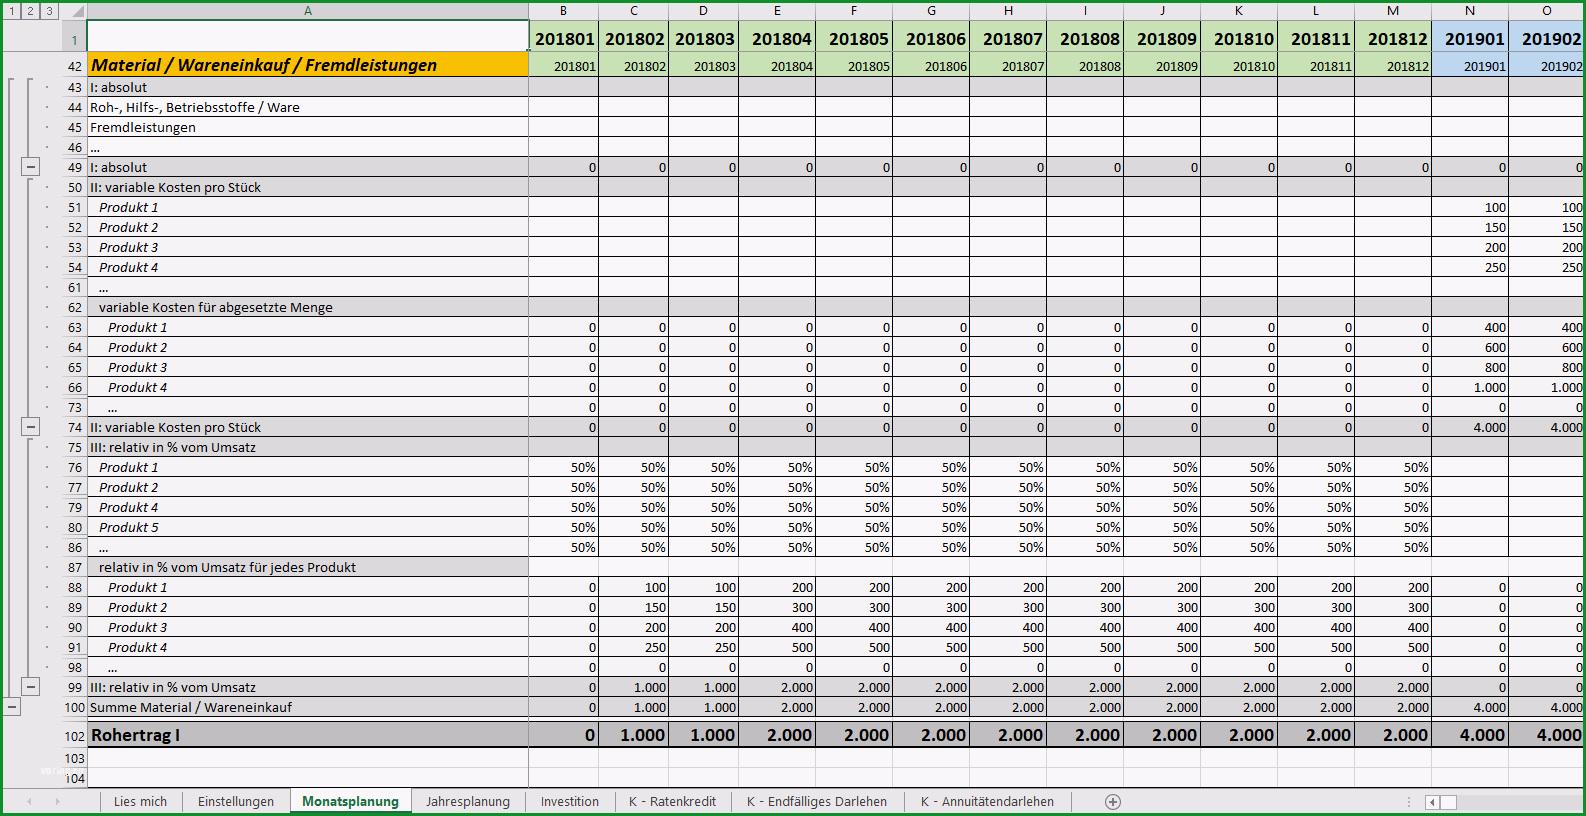 Erstaunlich Excel Vorlage Finanzplan Businessplan Pierre Tunger